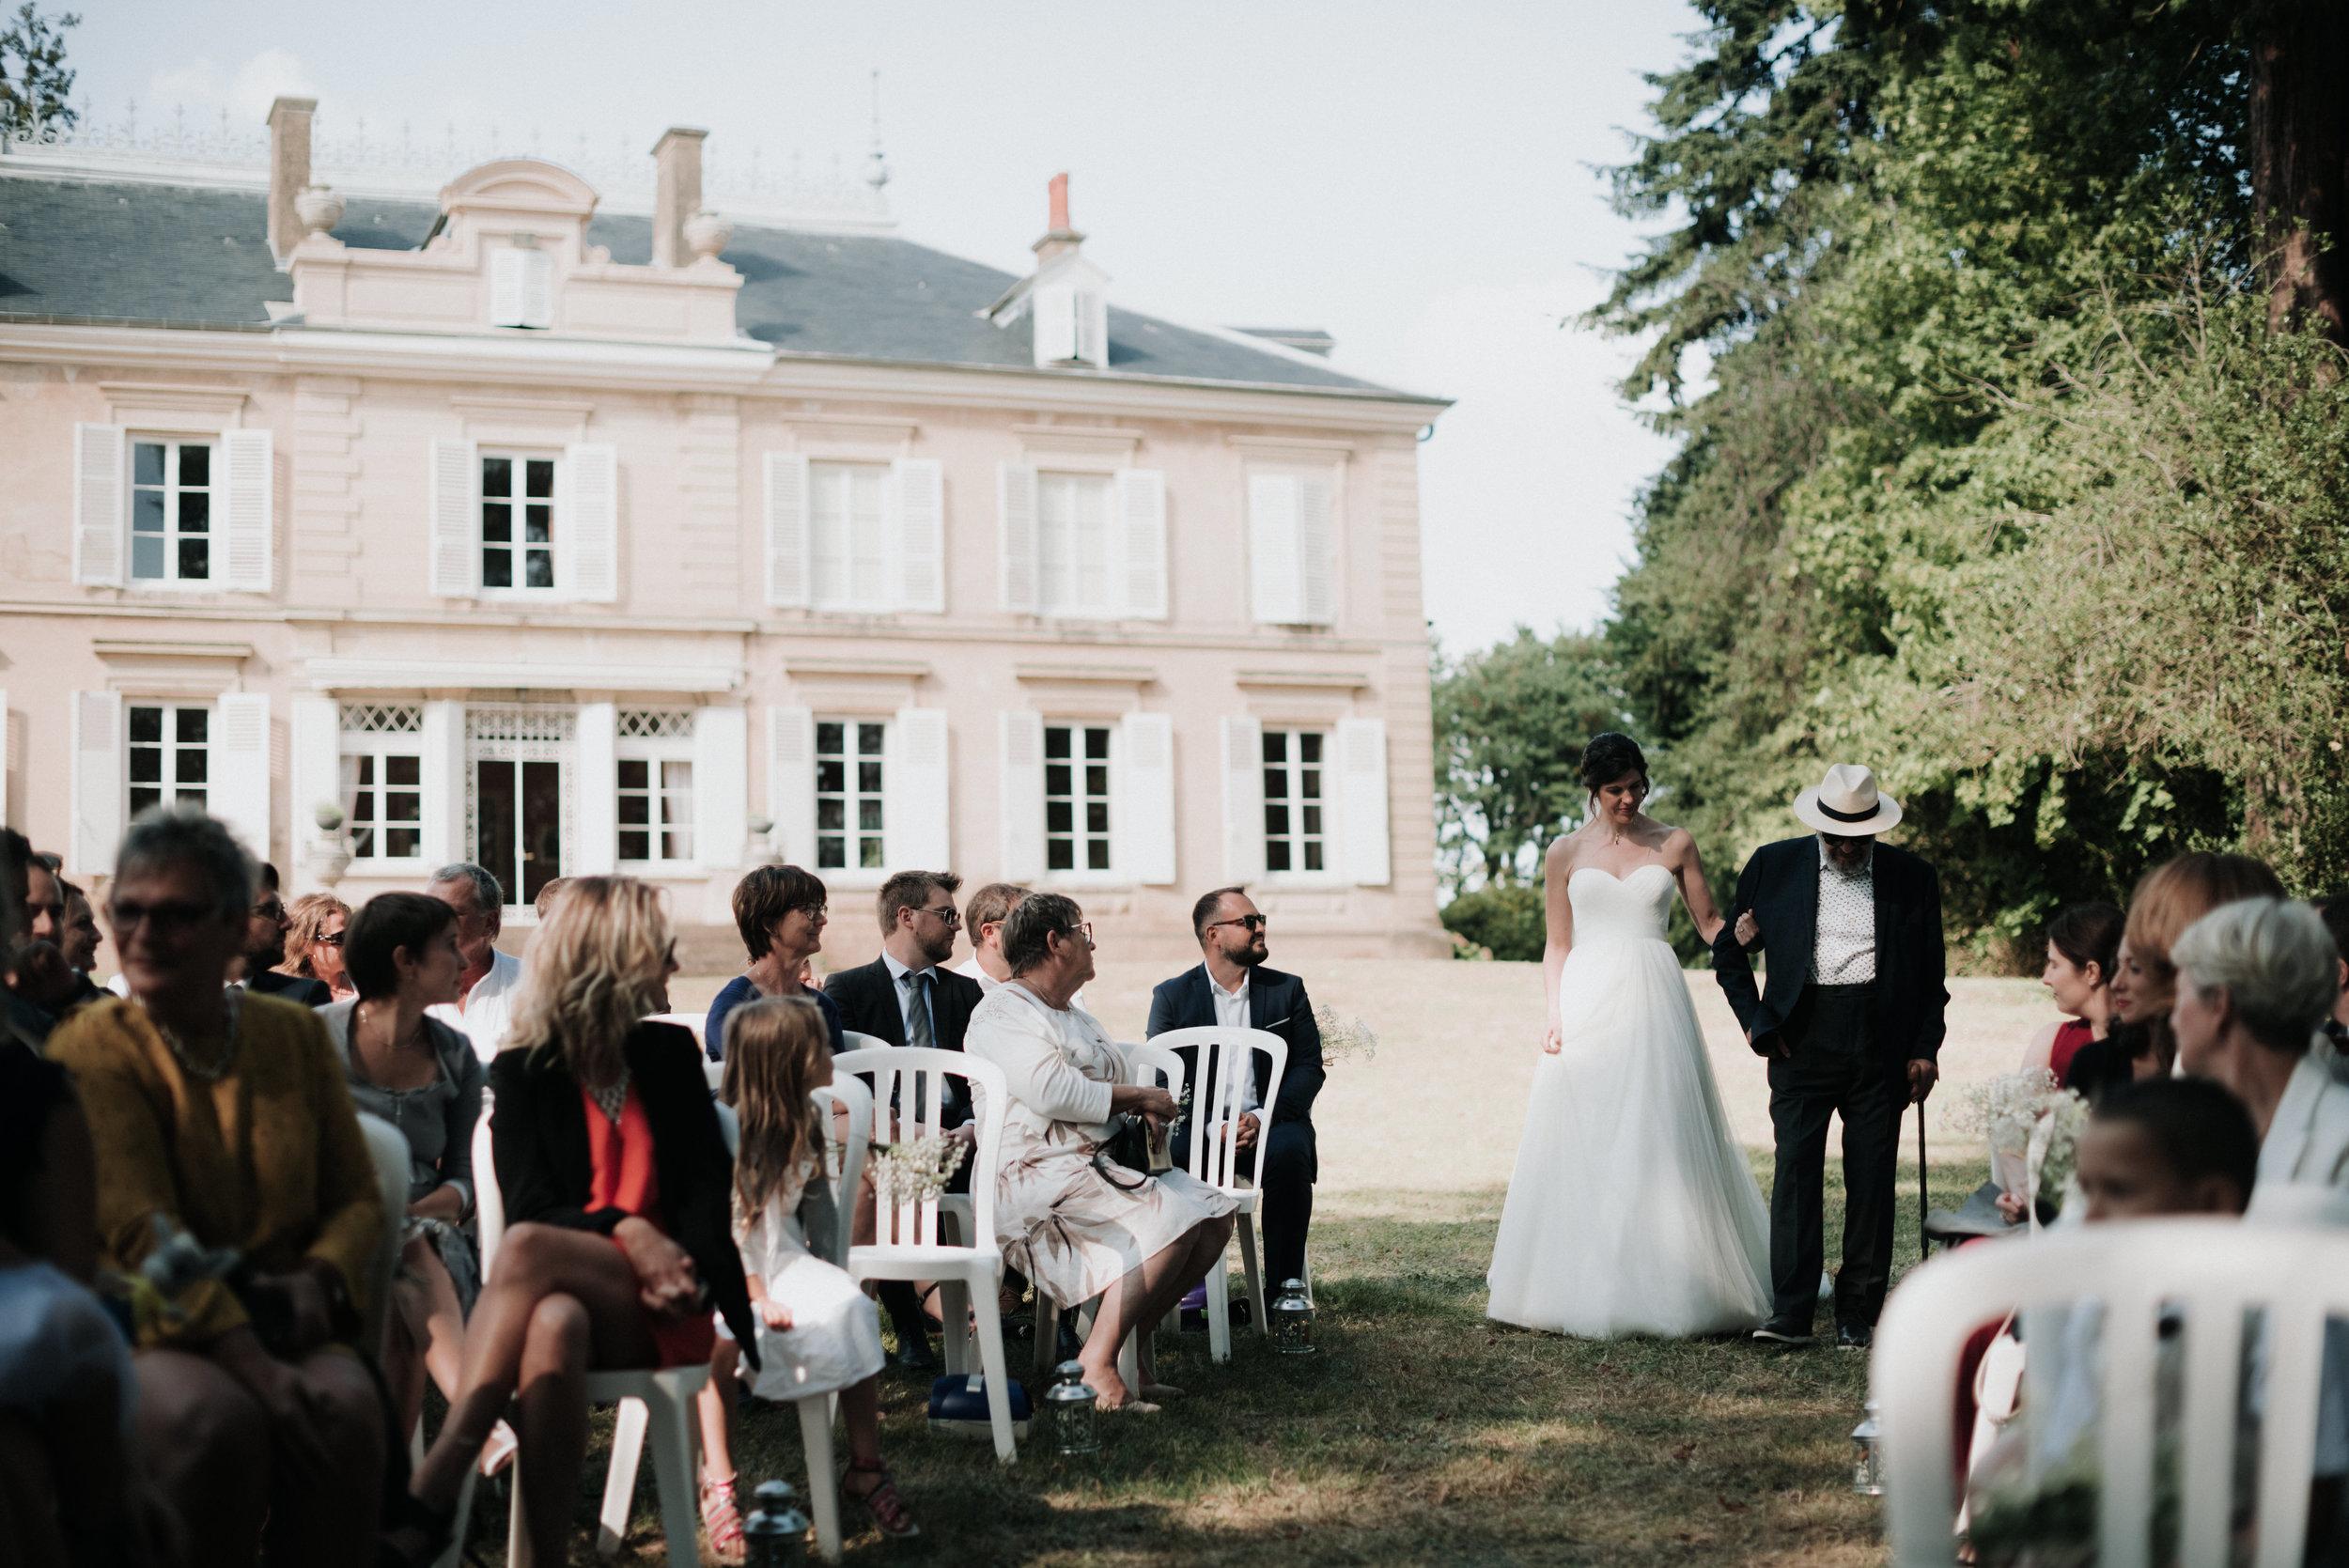 Léa-Fery-photographe-professionnel-lyon-rhone-alpes-portrait-creation-mariage-evenement-evenementiel-famille-8678.jpg